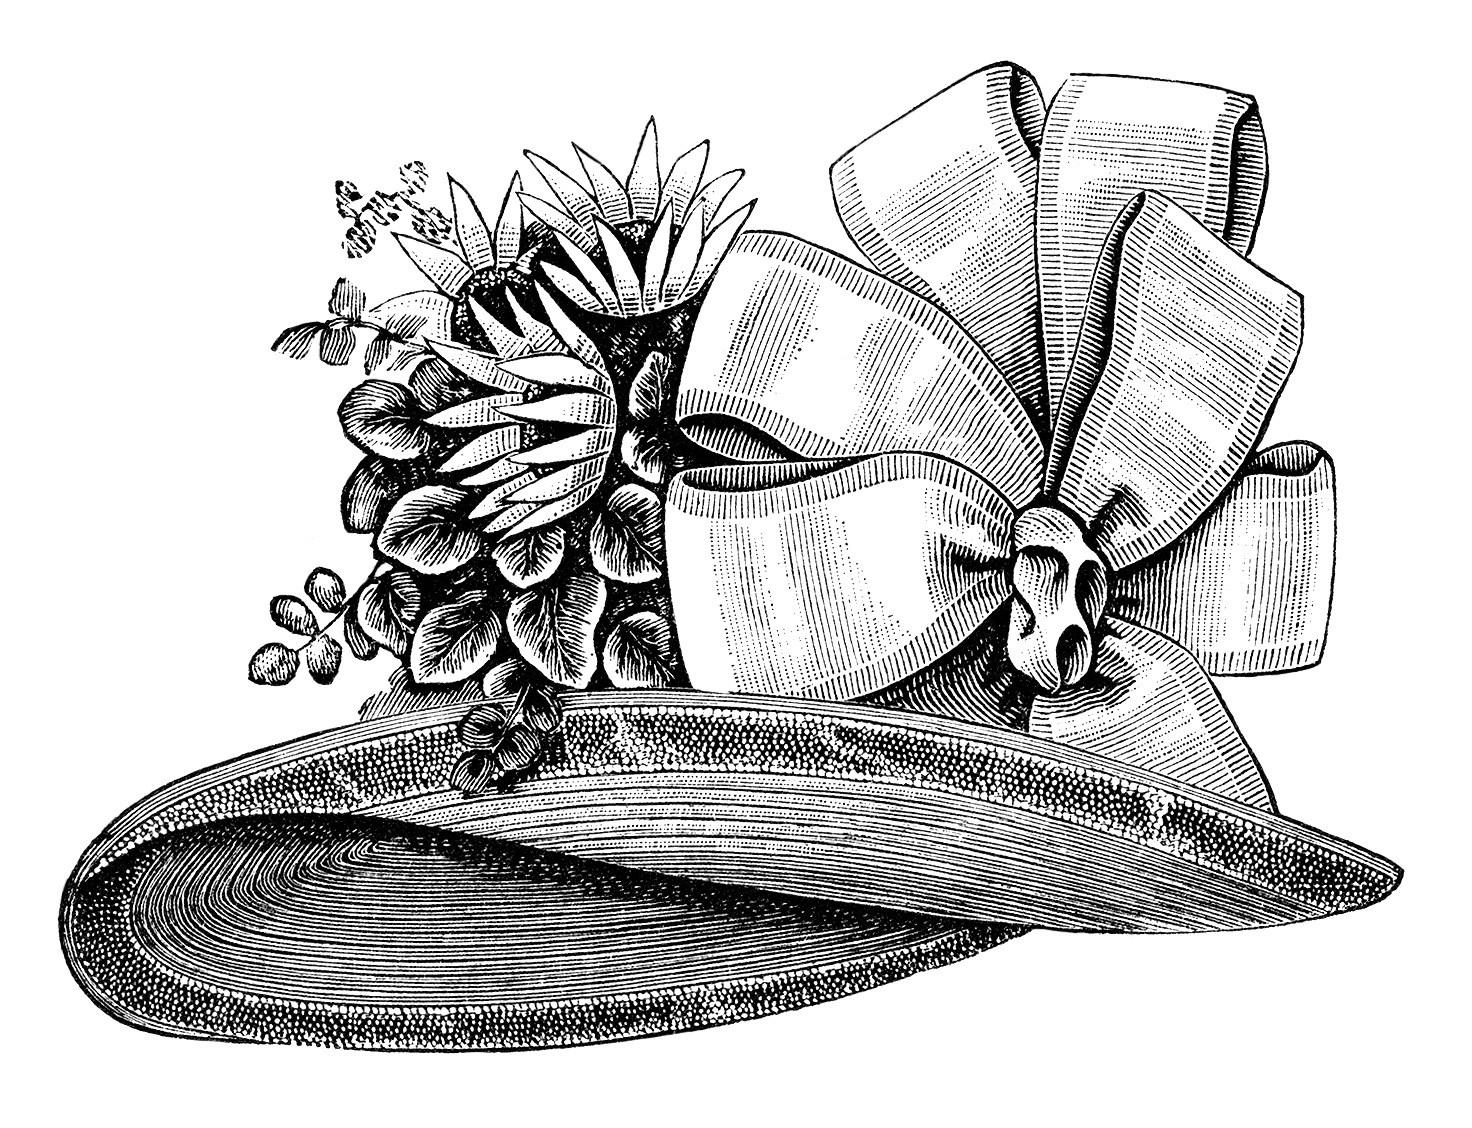 Fancy hat clipart 5 » Clipart Portal.